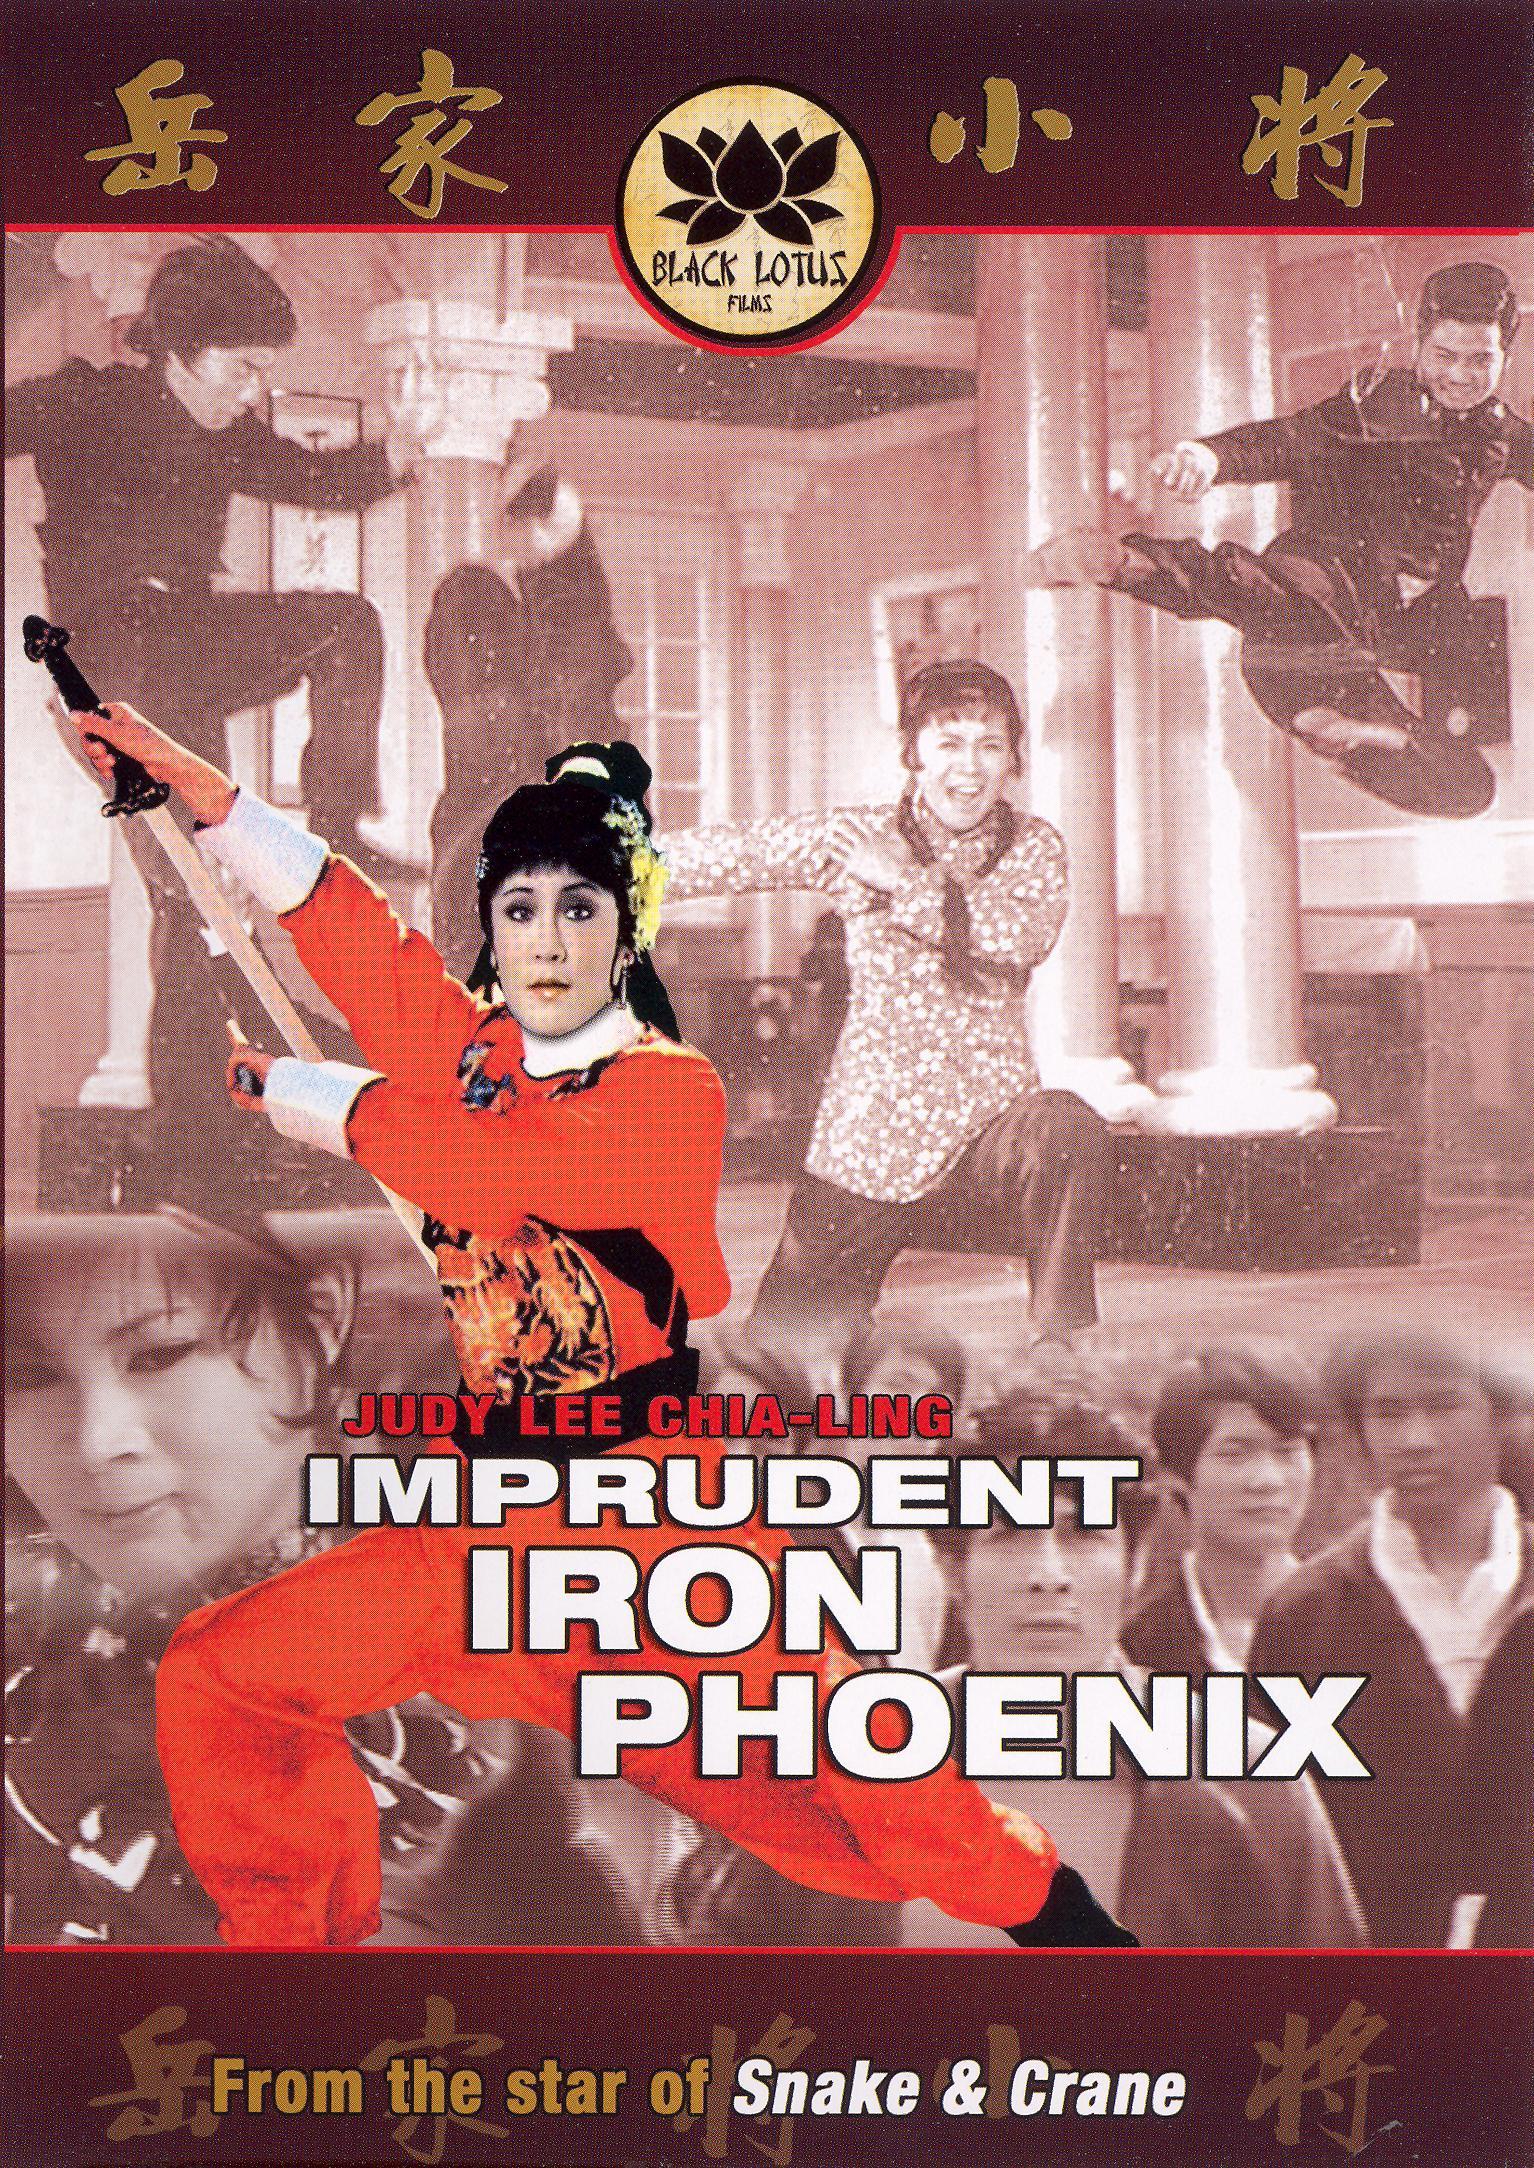 Imprudent Iron Phoenix